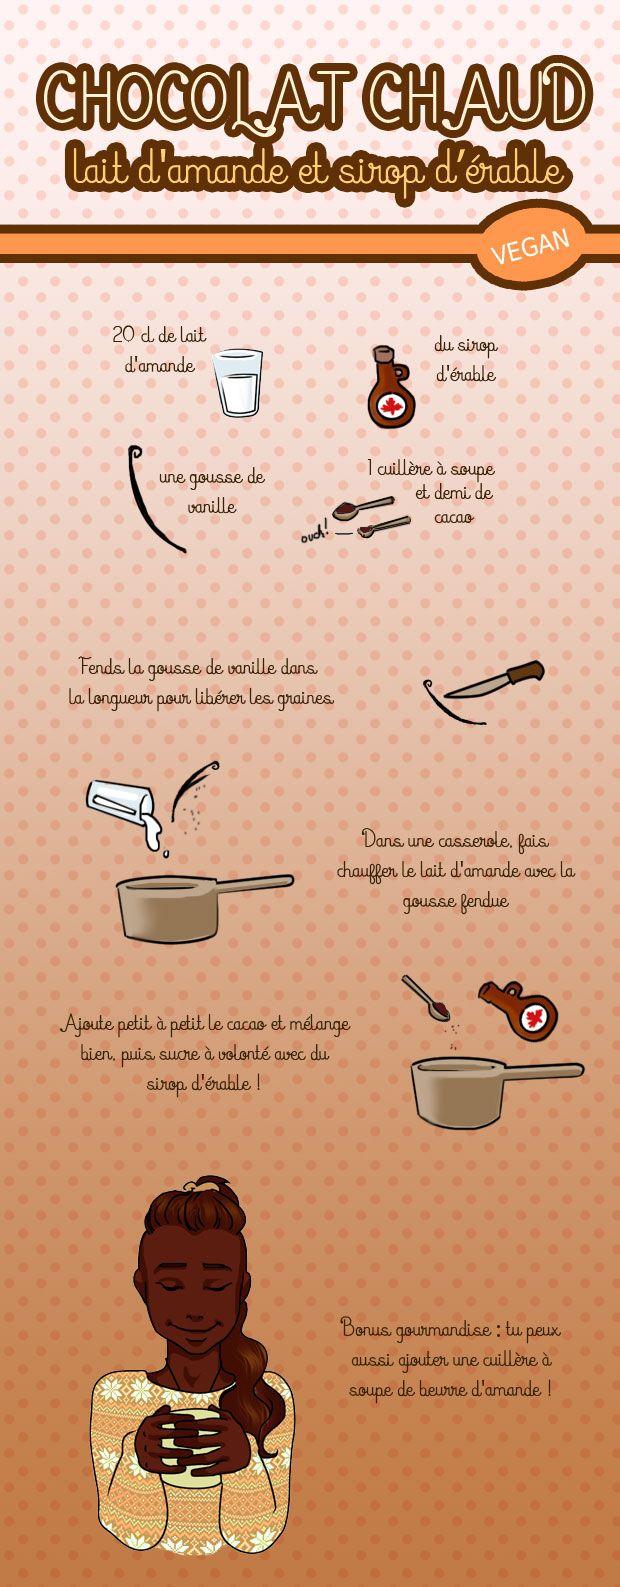 Le chocolat chaud du dimanche : lait damande et sirop dérable